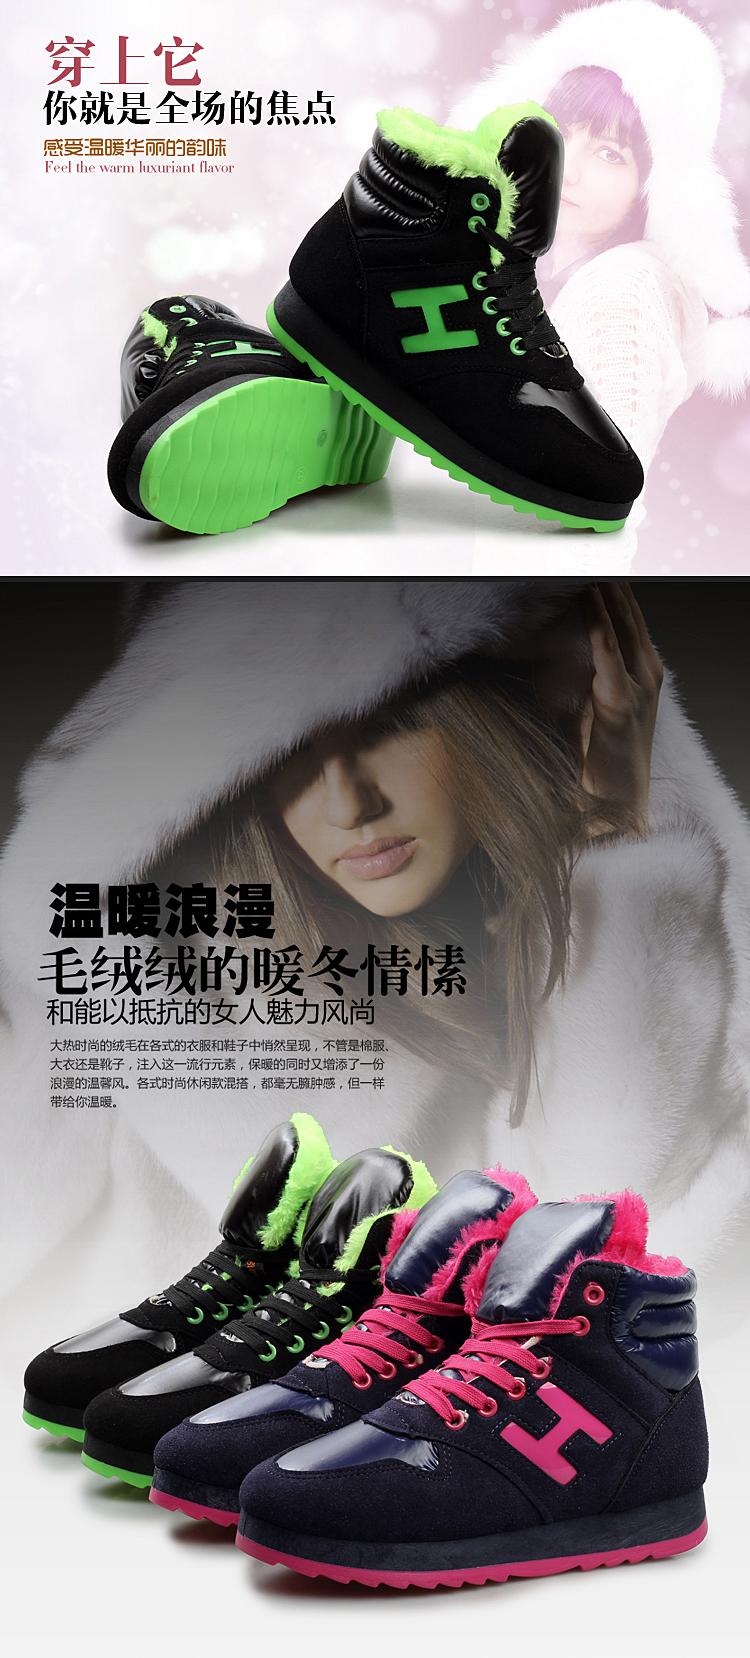 帮女棉鞋韩版潮鞋时尚厚底松糕鞋女休闲鞋保暖鞋女款